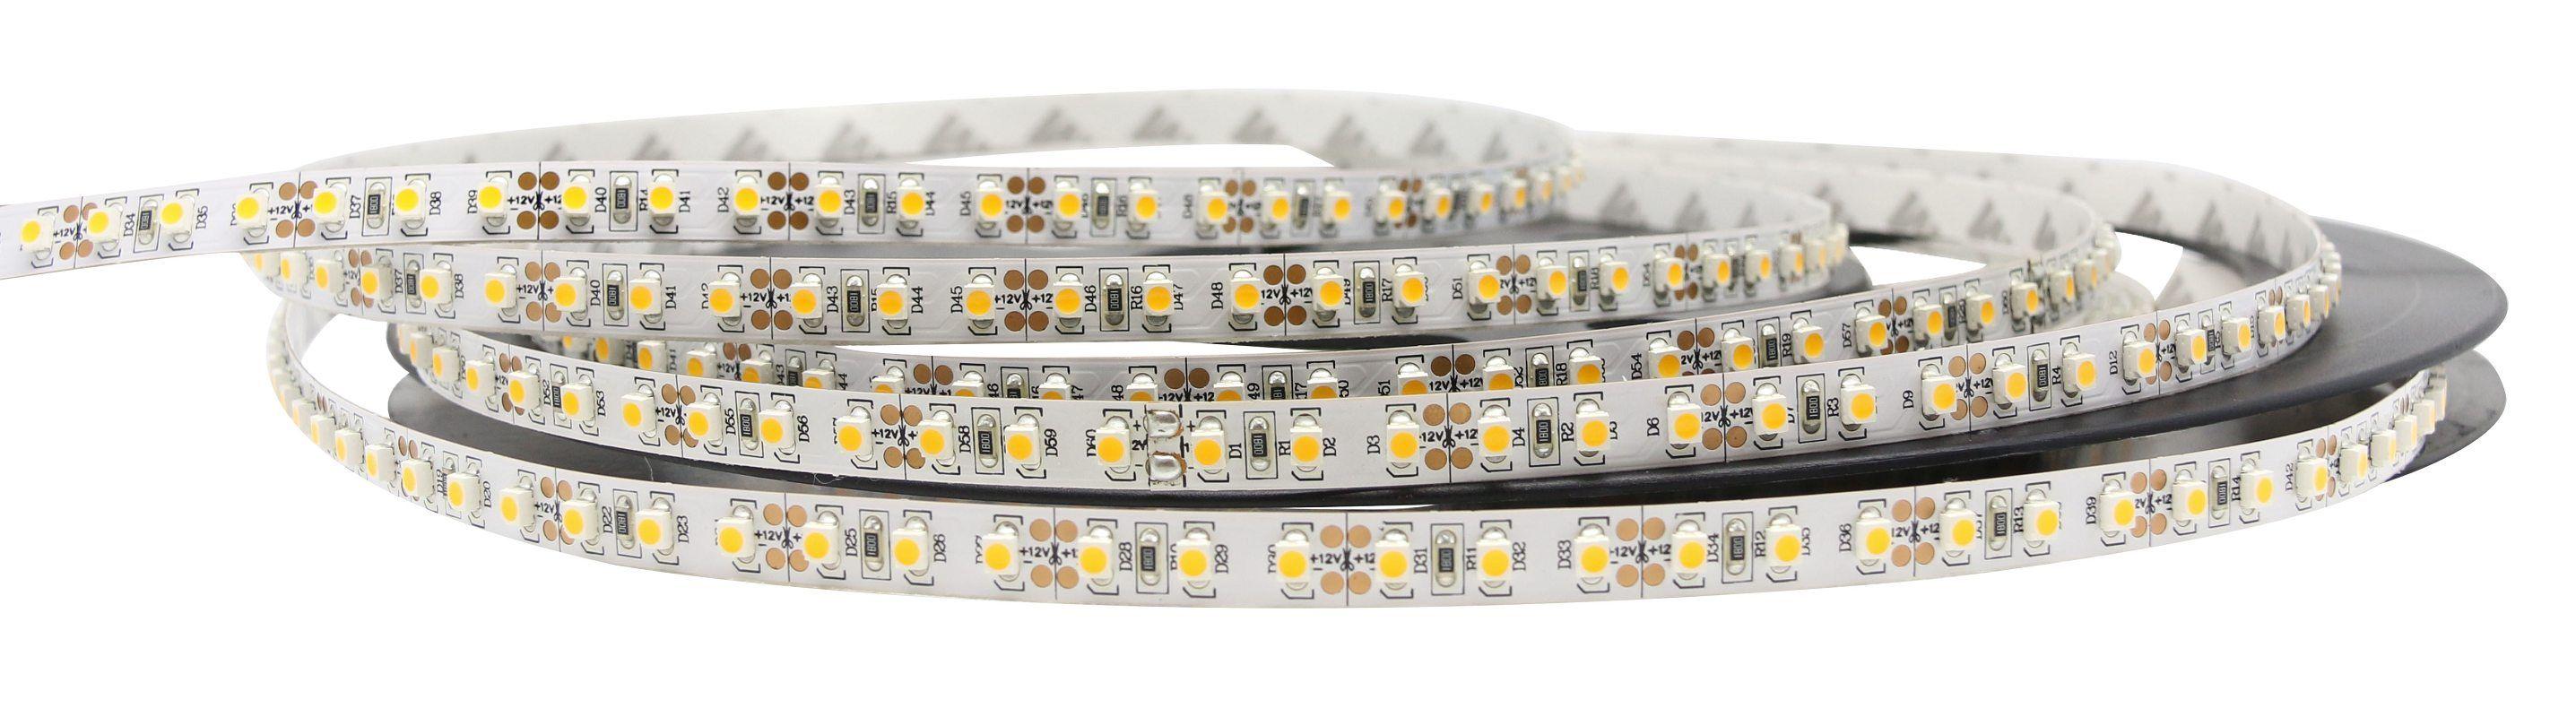 LED Striplight S123-High-performance-12V-9.6W